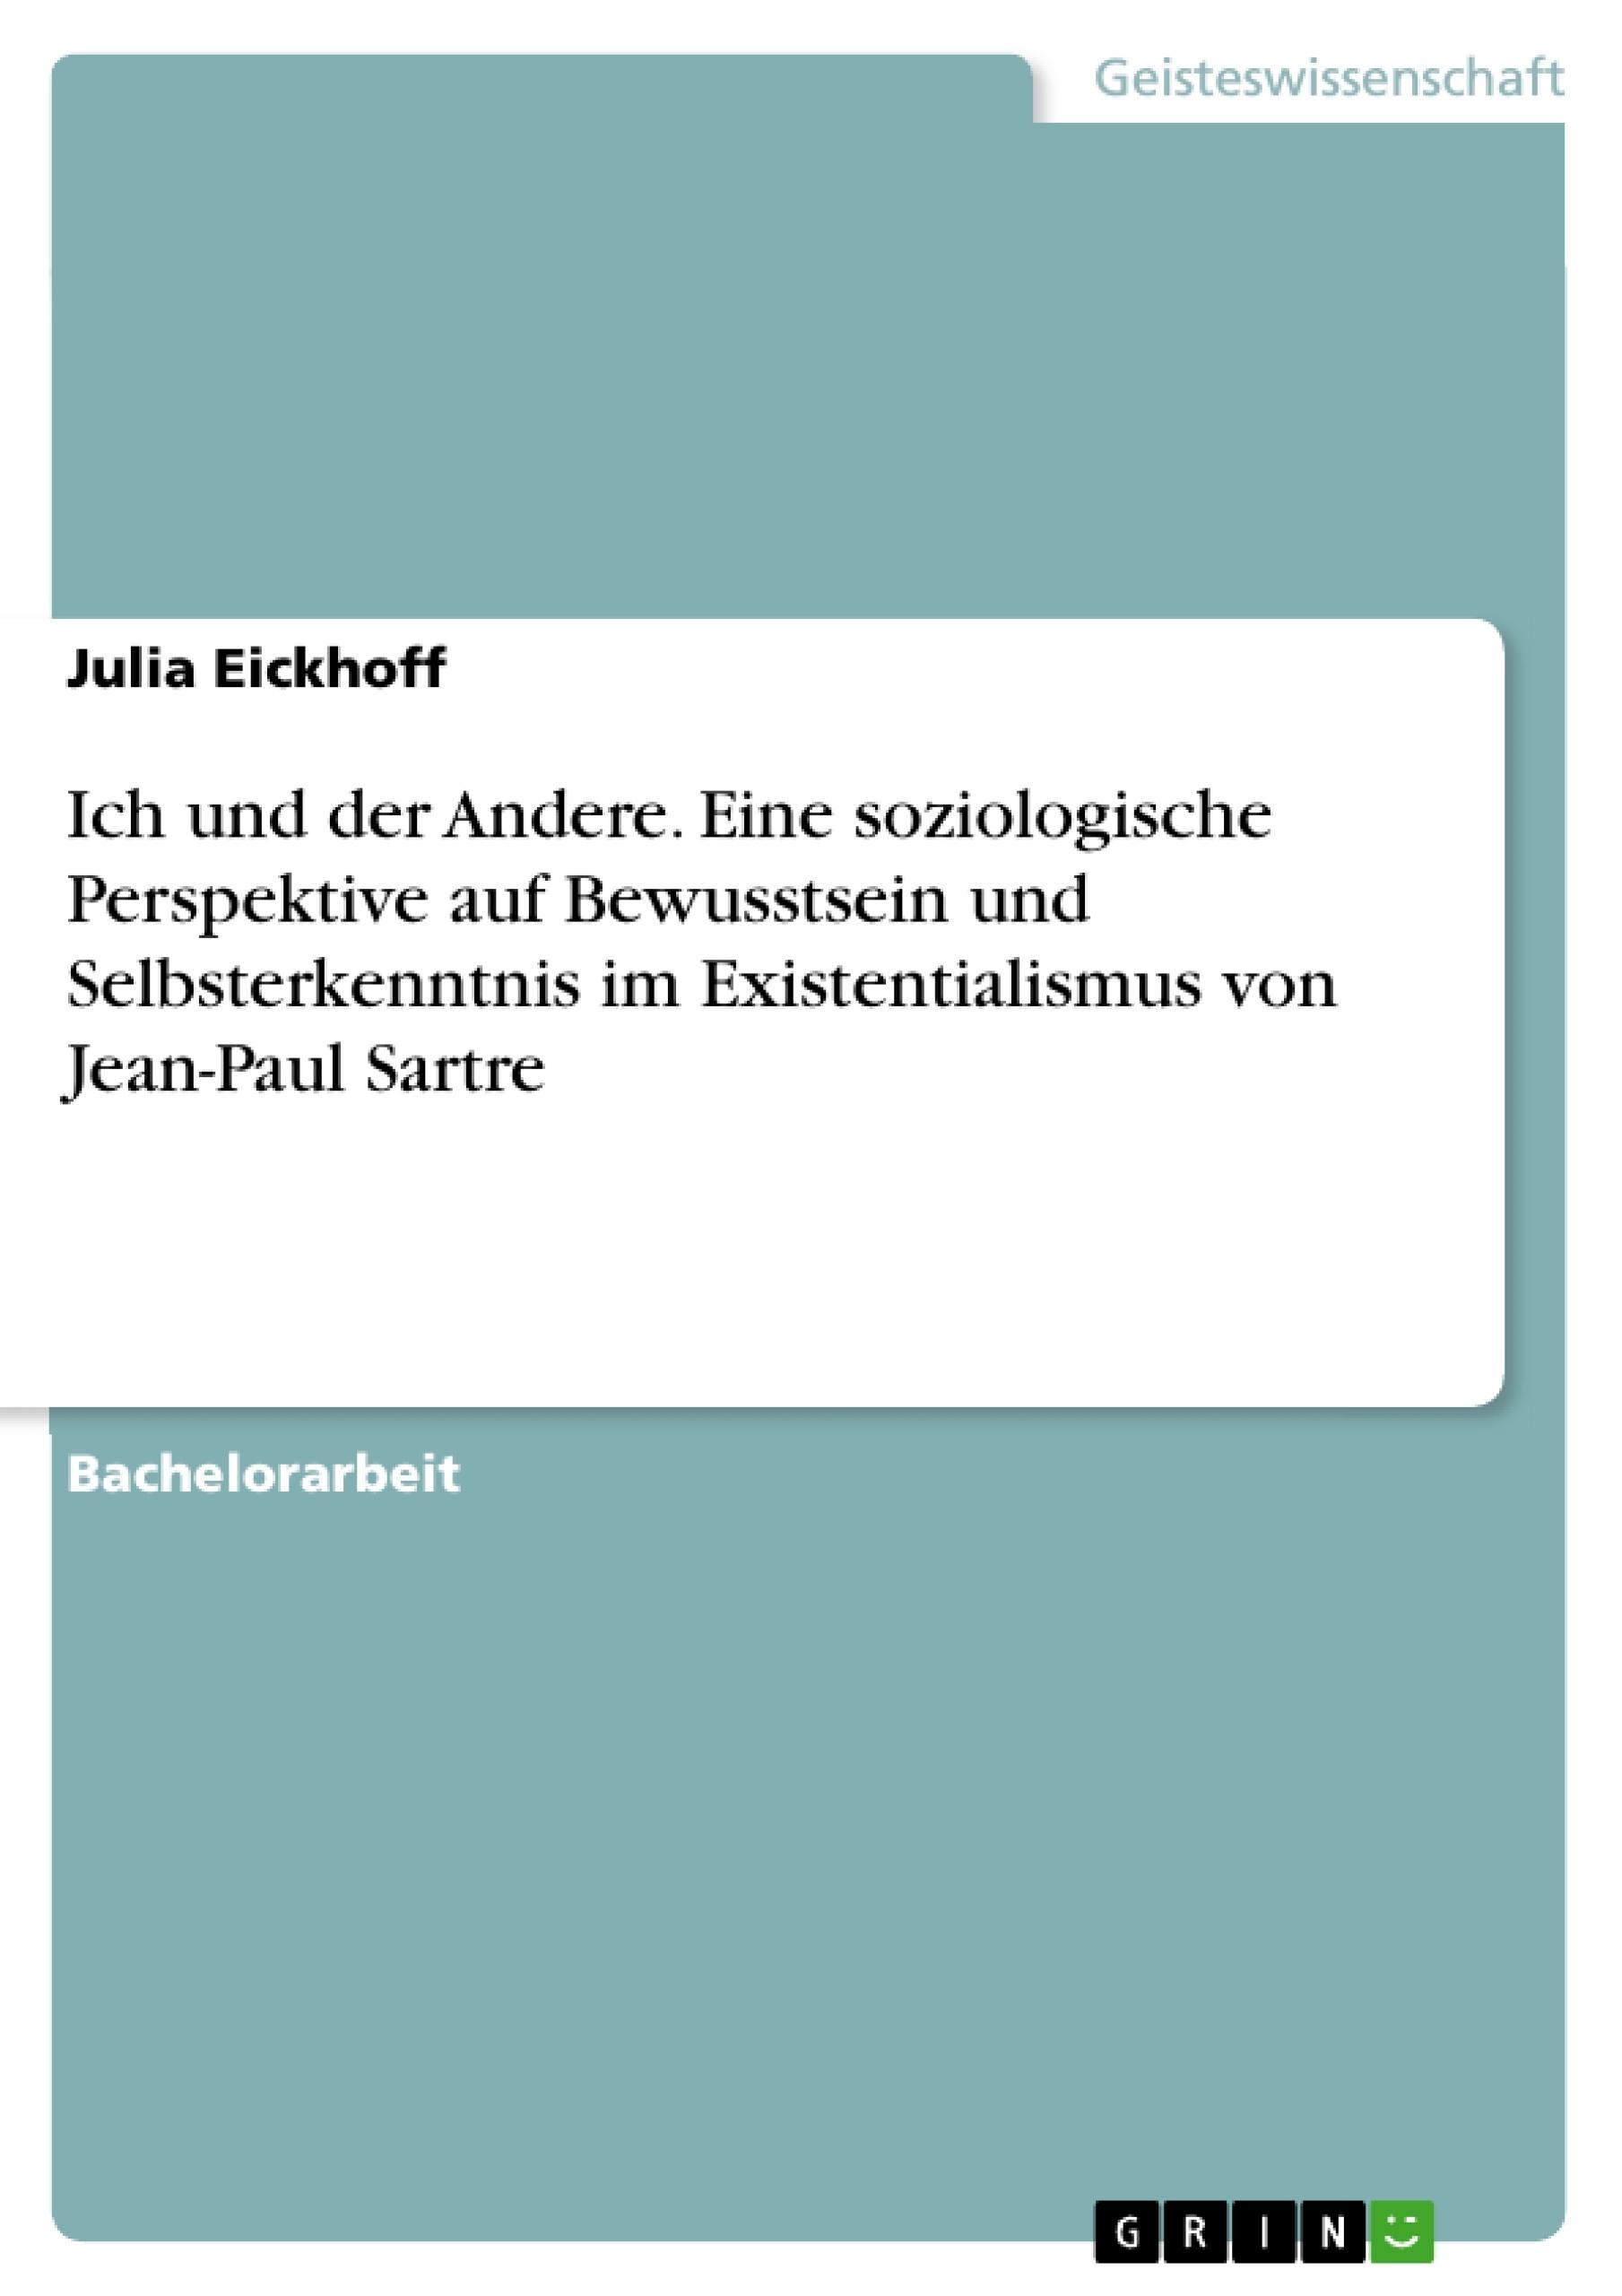 Titel: Ich und der Andere. Eine soziologische Perspektive auf Bewusstsein und Selbsterkenntnis im Existentialismus von Jean-Paul Sartre